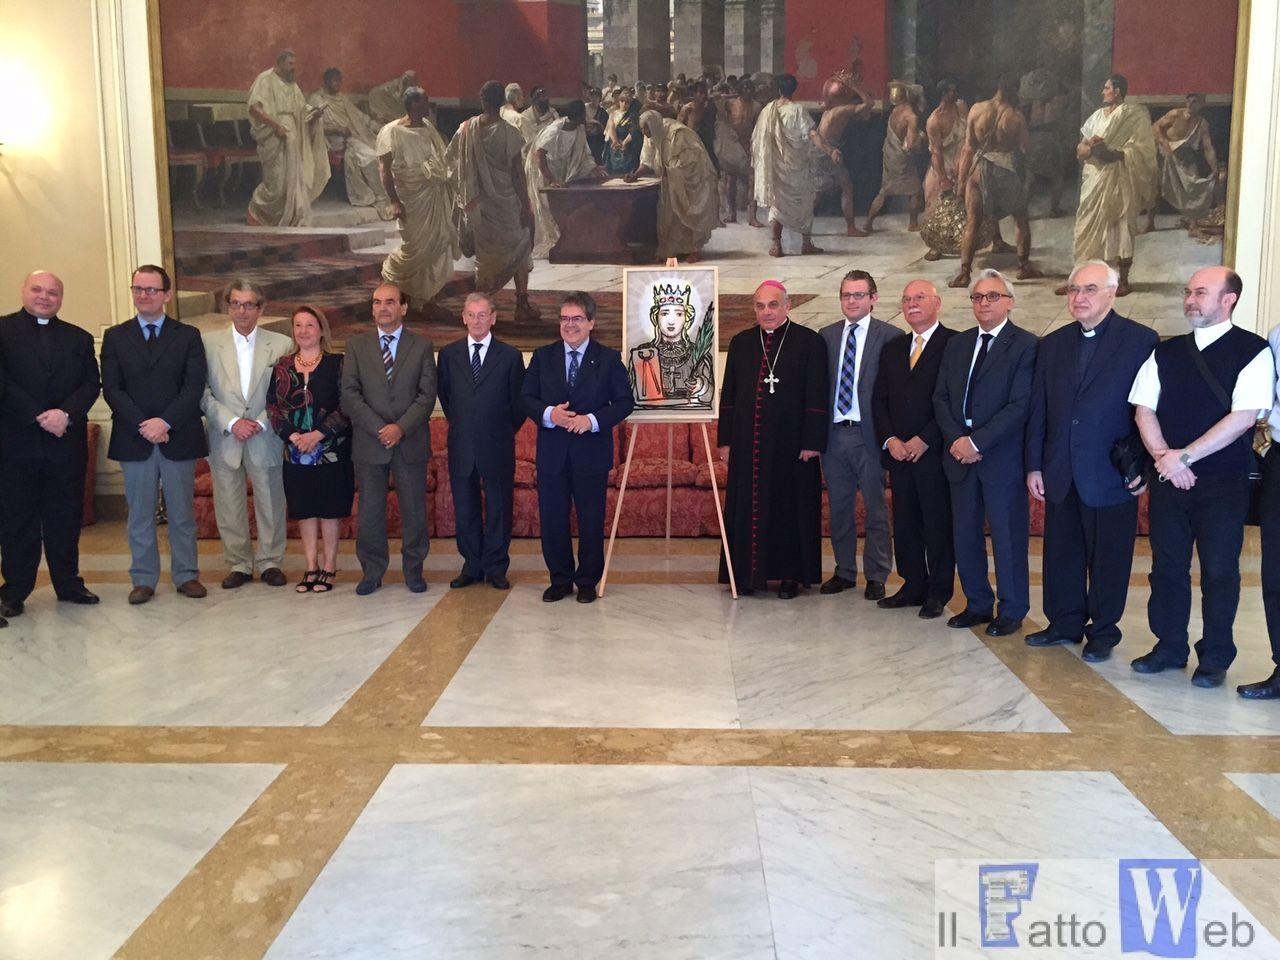 Festa Sant'Agata: Marano presidente, Maina presidente onorario